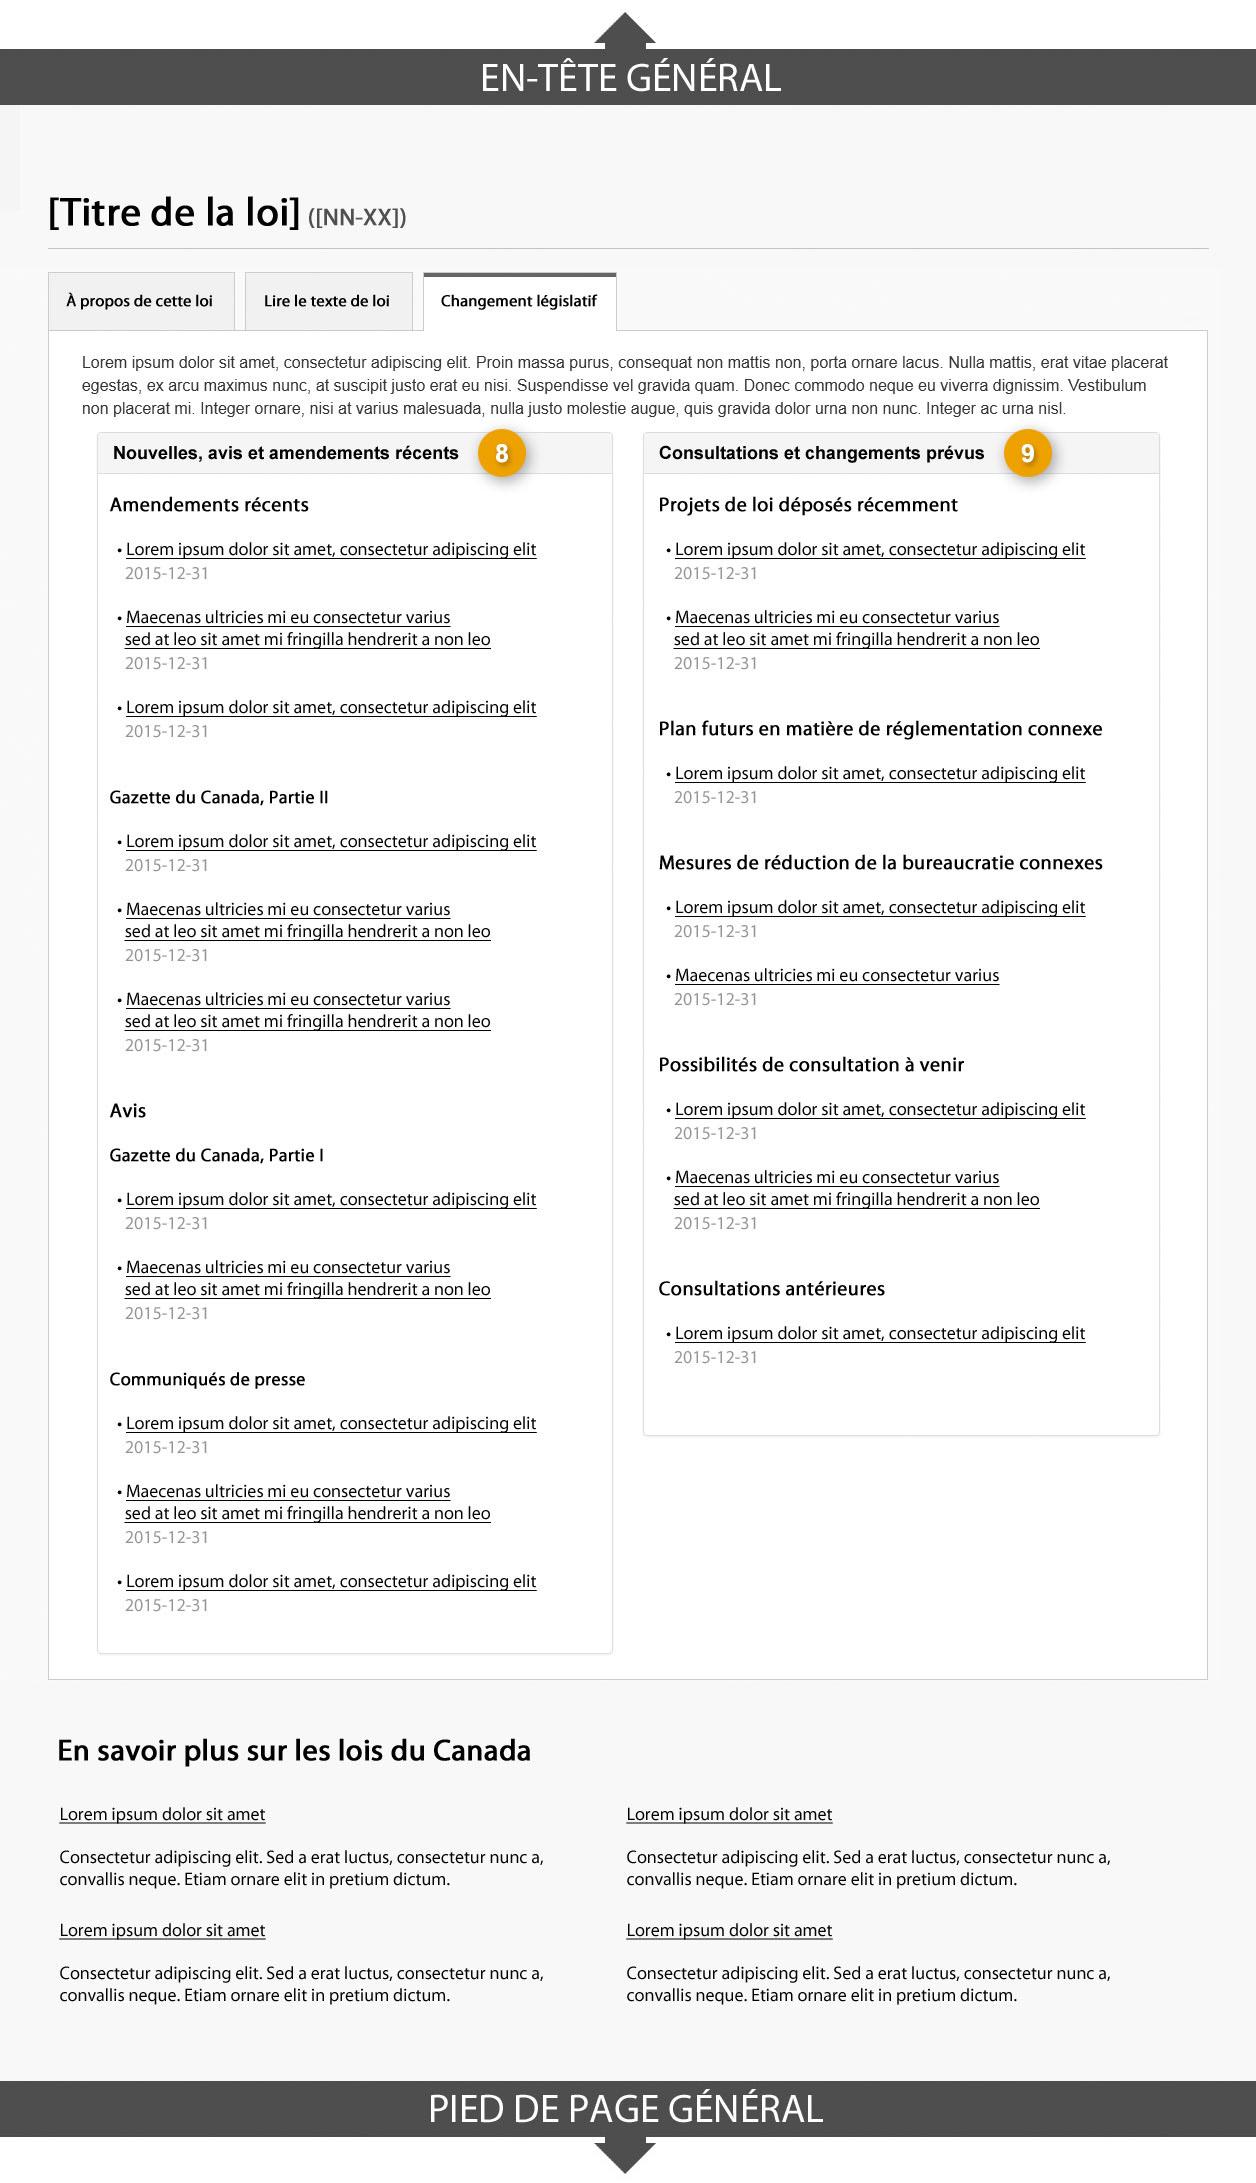 Modèle de page de profil des lois affichant l'onglet «Changements législatifs». Lire de haut en bas et de gauche à droite. Plus de détails au sujet de ce graphique se retrouvent dans le texte entourant l'image.